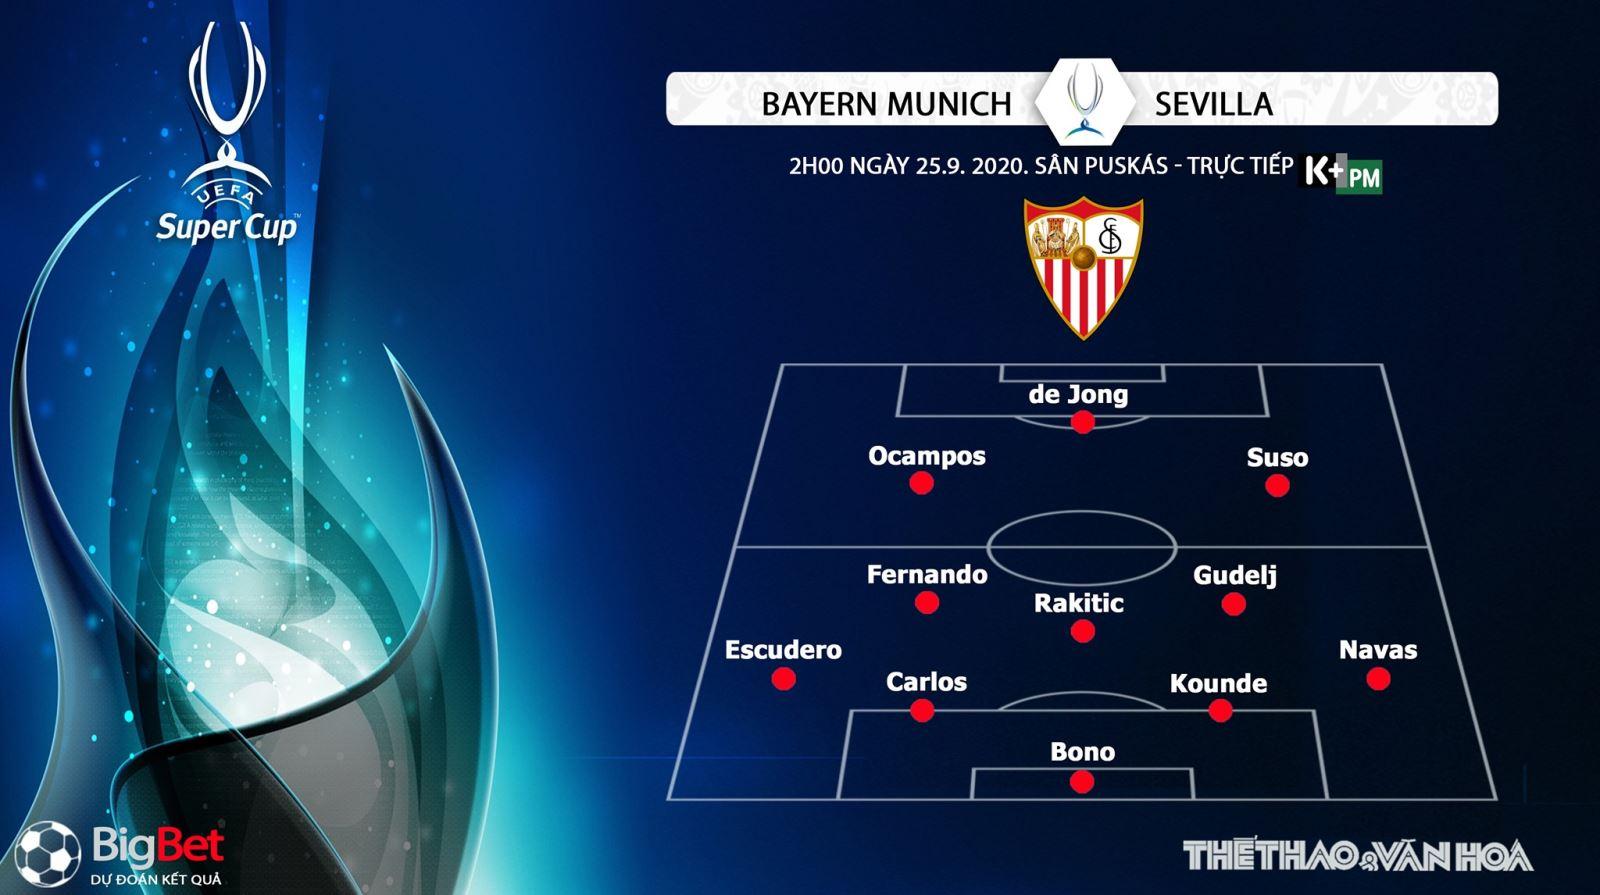 Bayern Munich vsSevilla, Bayern Munich, Sevilla, soi kèo, trực tiếp bóng đá, soi kèo Bayern Munich vsSevilla, kèo bóng đá Bayern Munich vsSevilla, kèo thơm